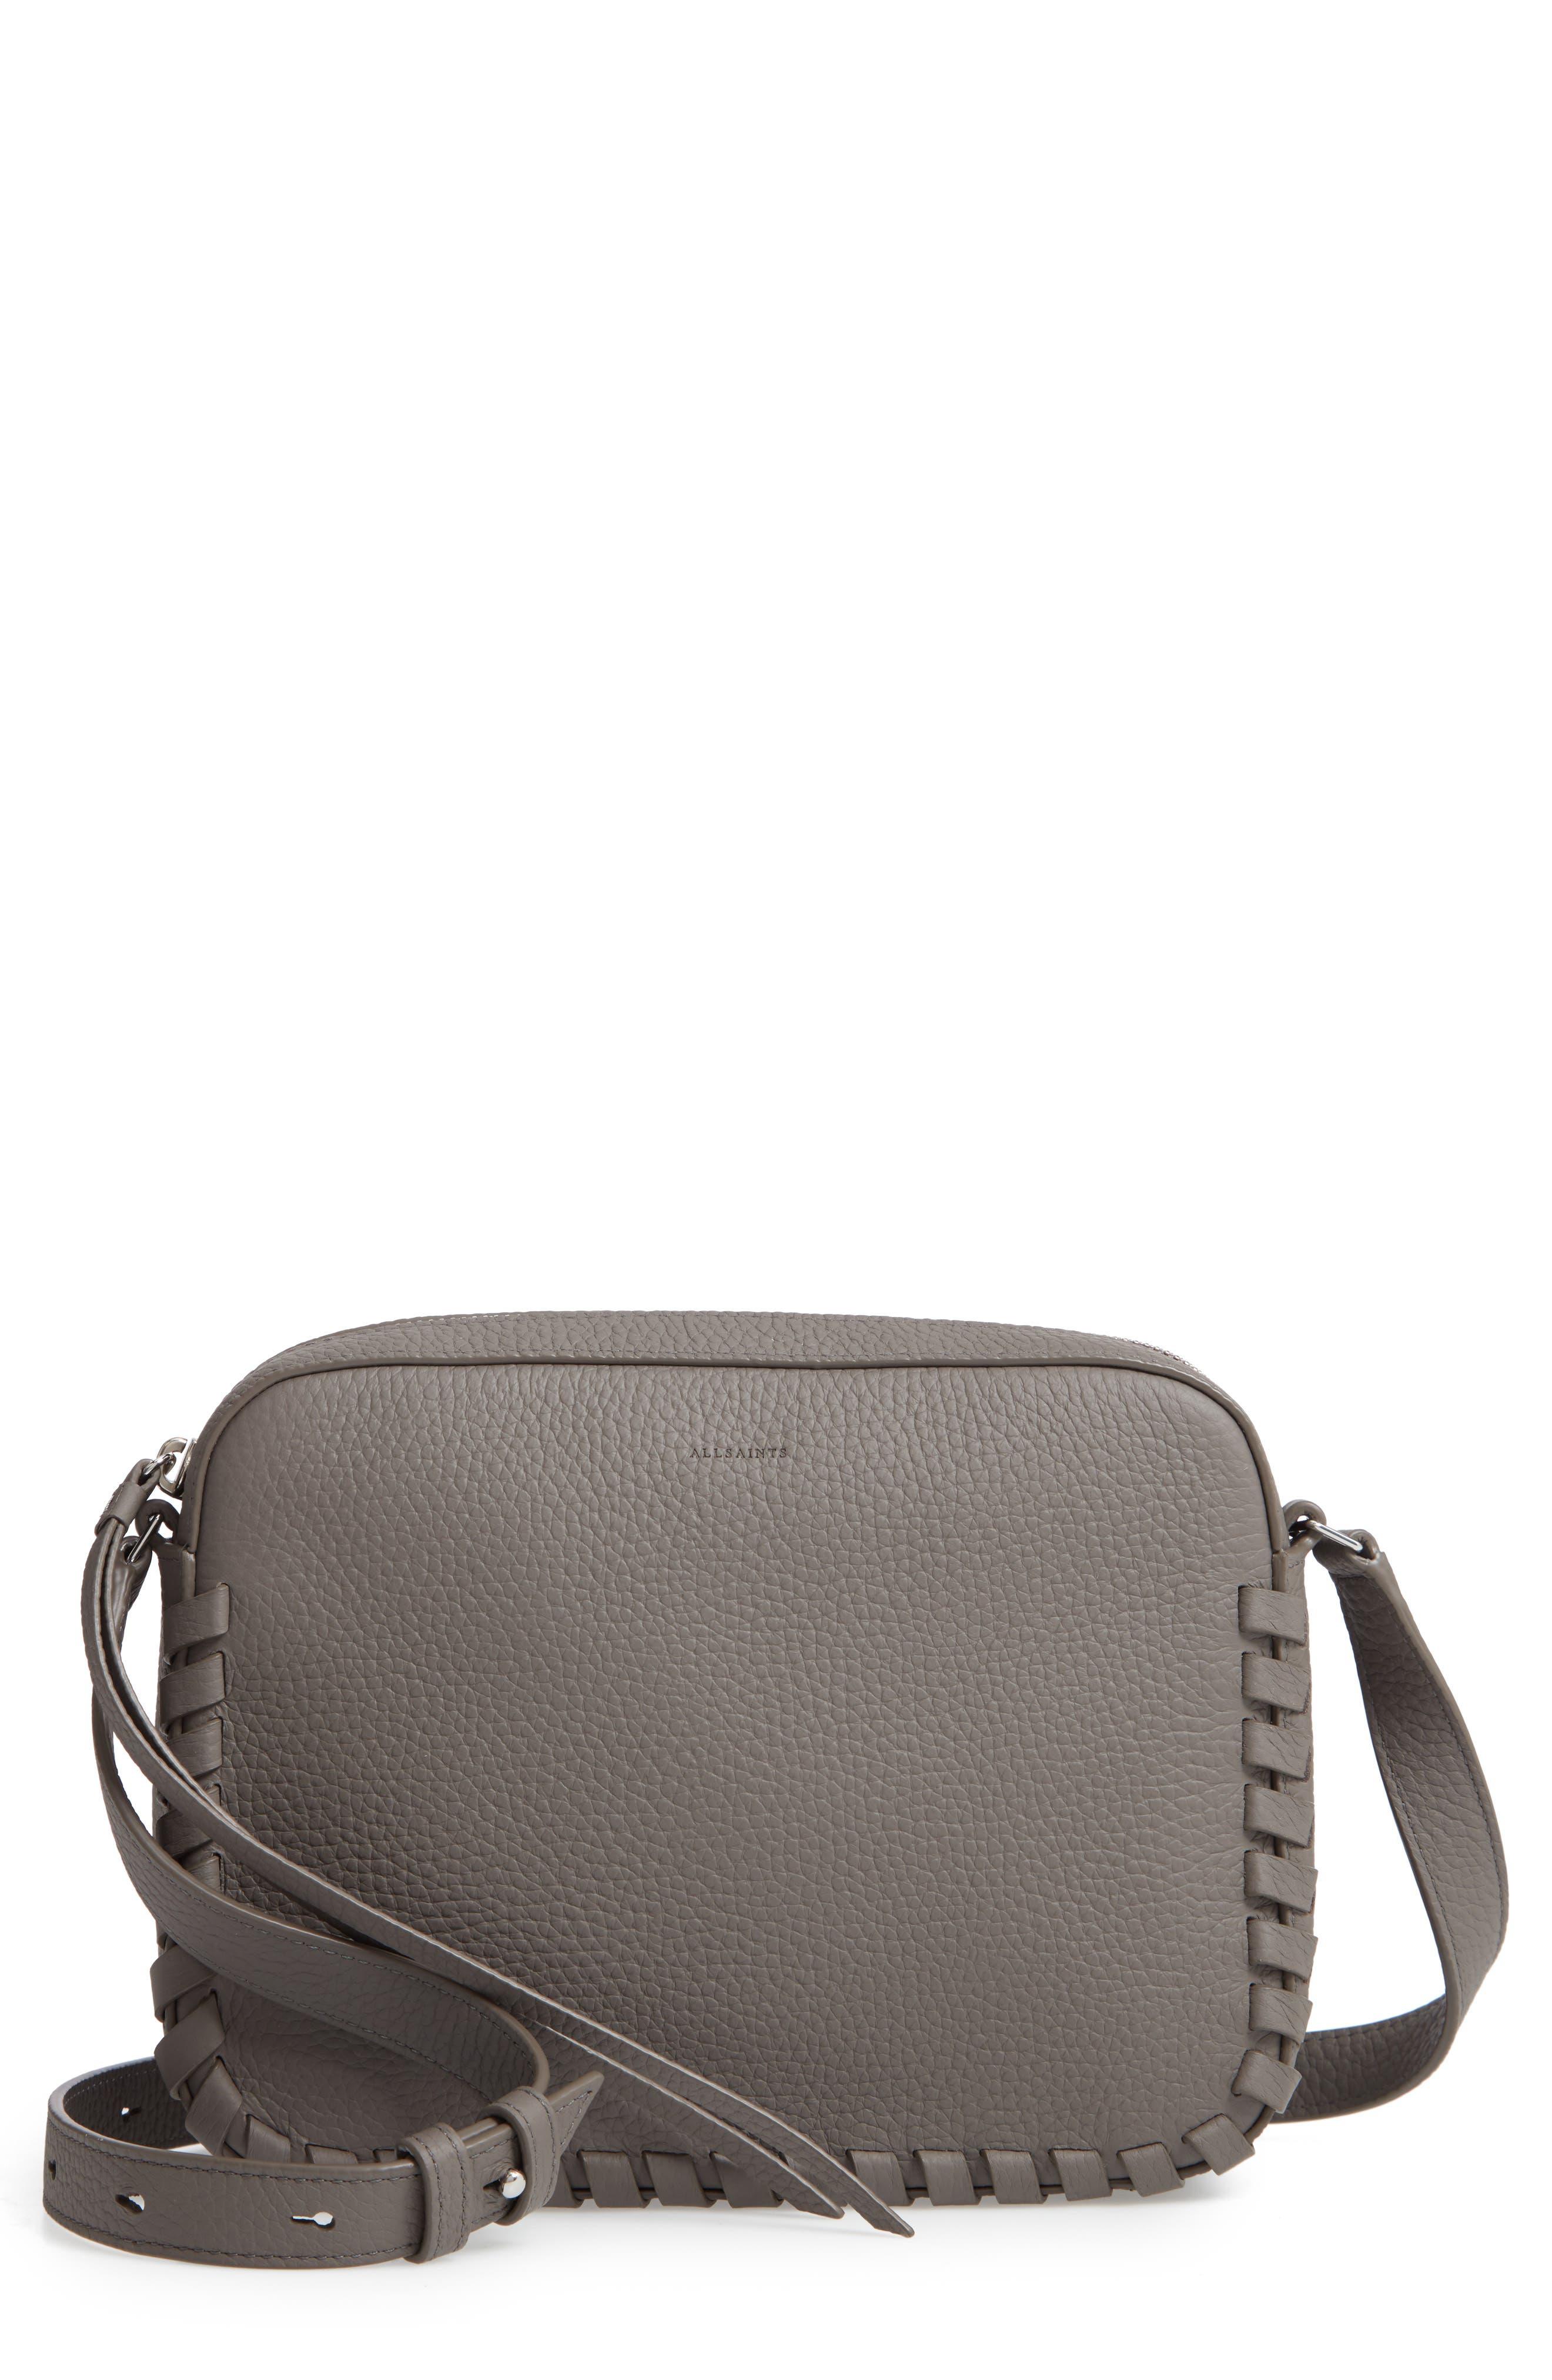 9850abbf4dee ALLSAINTS Handbags & Wallets for Women | Nordstrom